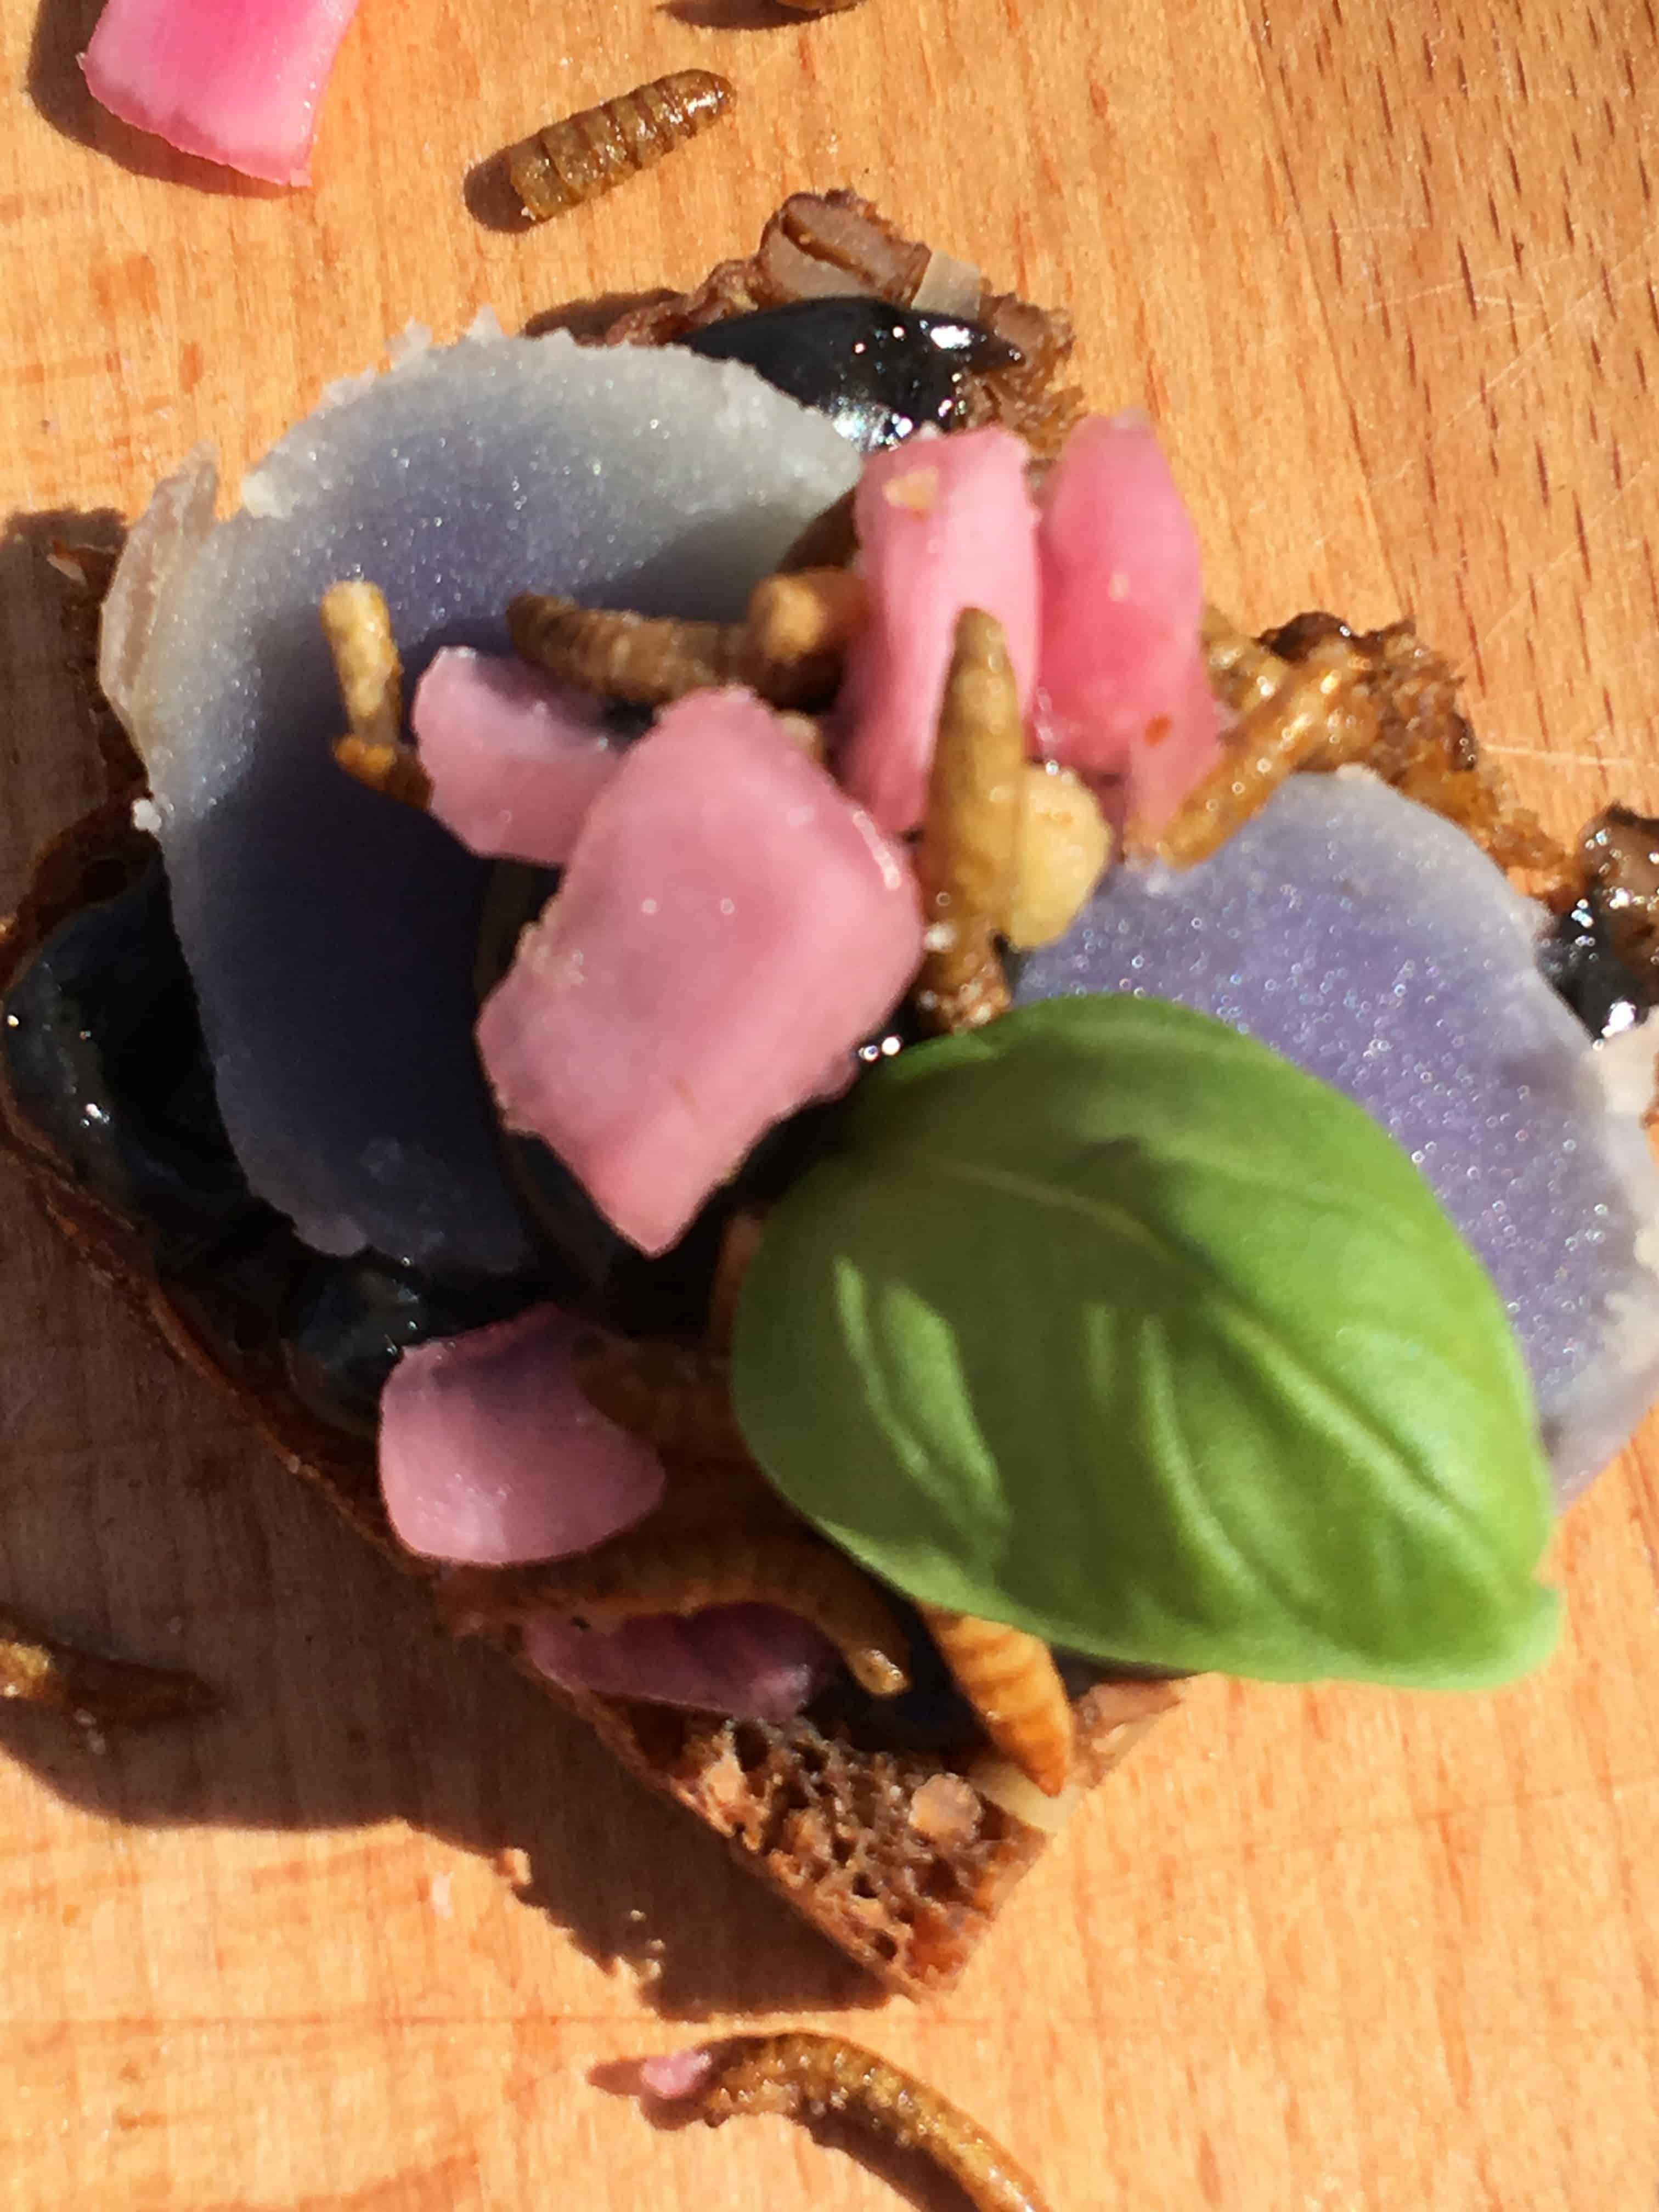 Elever fra Kold College uddelte smagsprøver: hjemmebagt rugbrød med Congo kartoffel, mayonaise farvet med blæksprutteblæk, syltede rødløg og ristede melorme